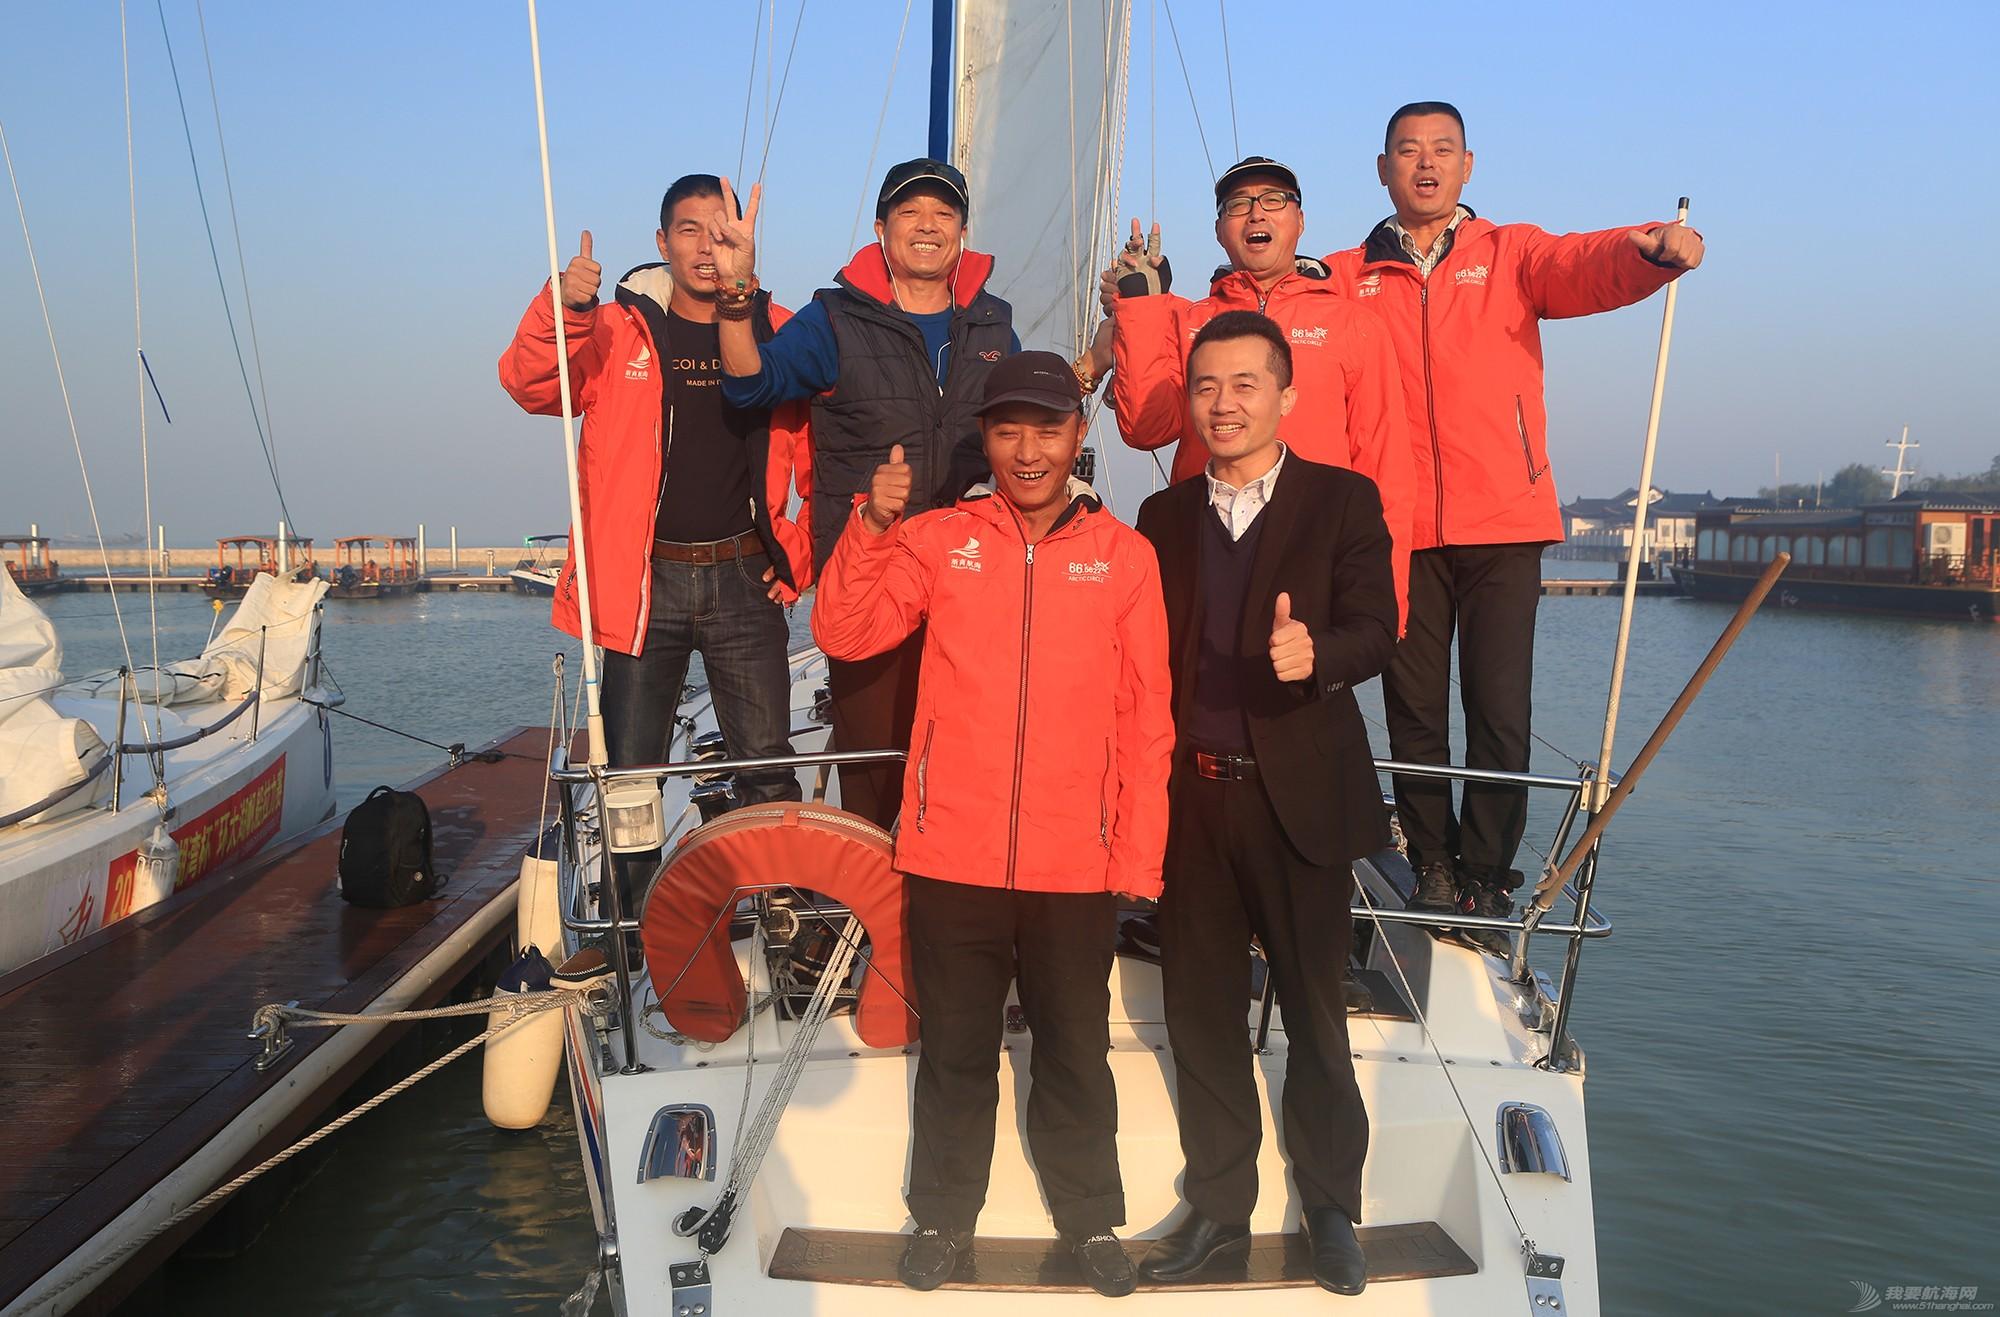 """拉力赛,帆船,太湖 2016""""菱湖湾杯""""环太湖帆船拉力赛参赛船队、船员风采 5V8A7459.JPG"""